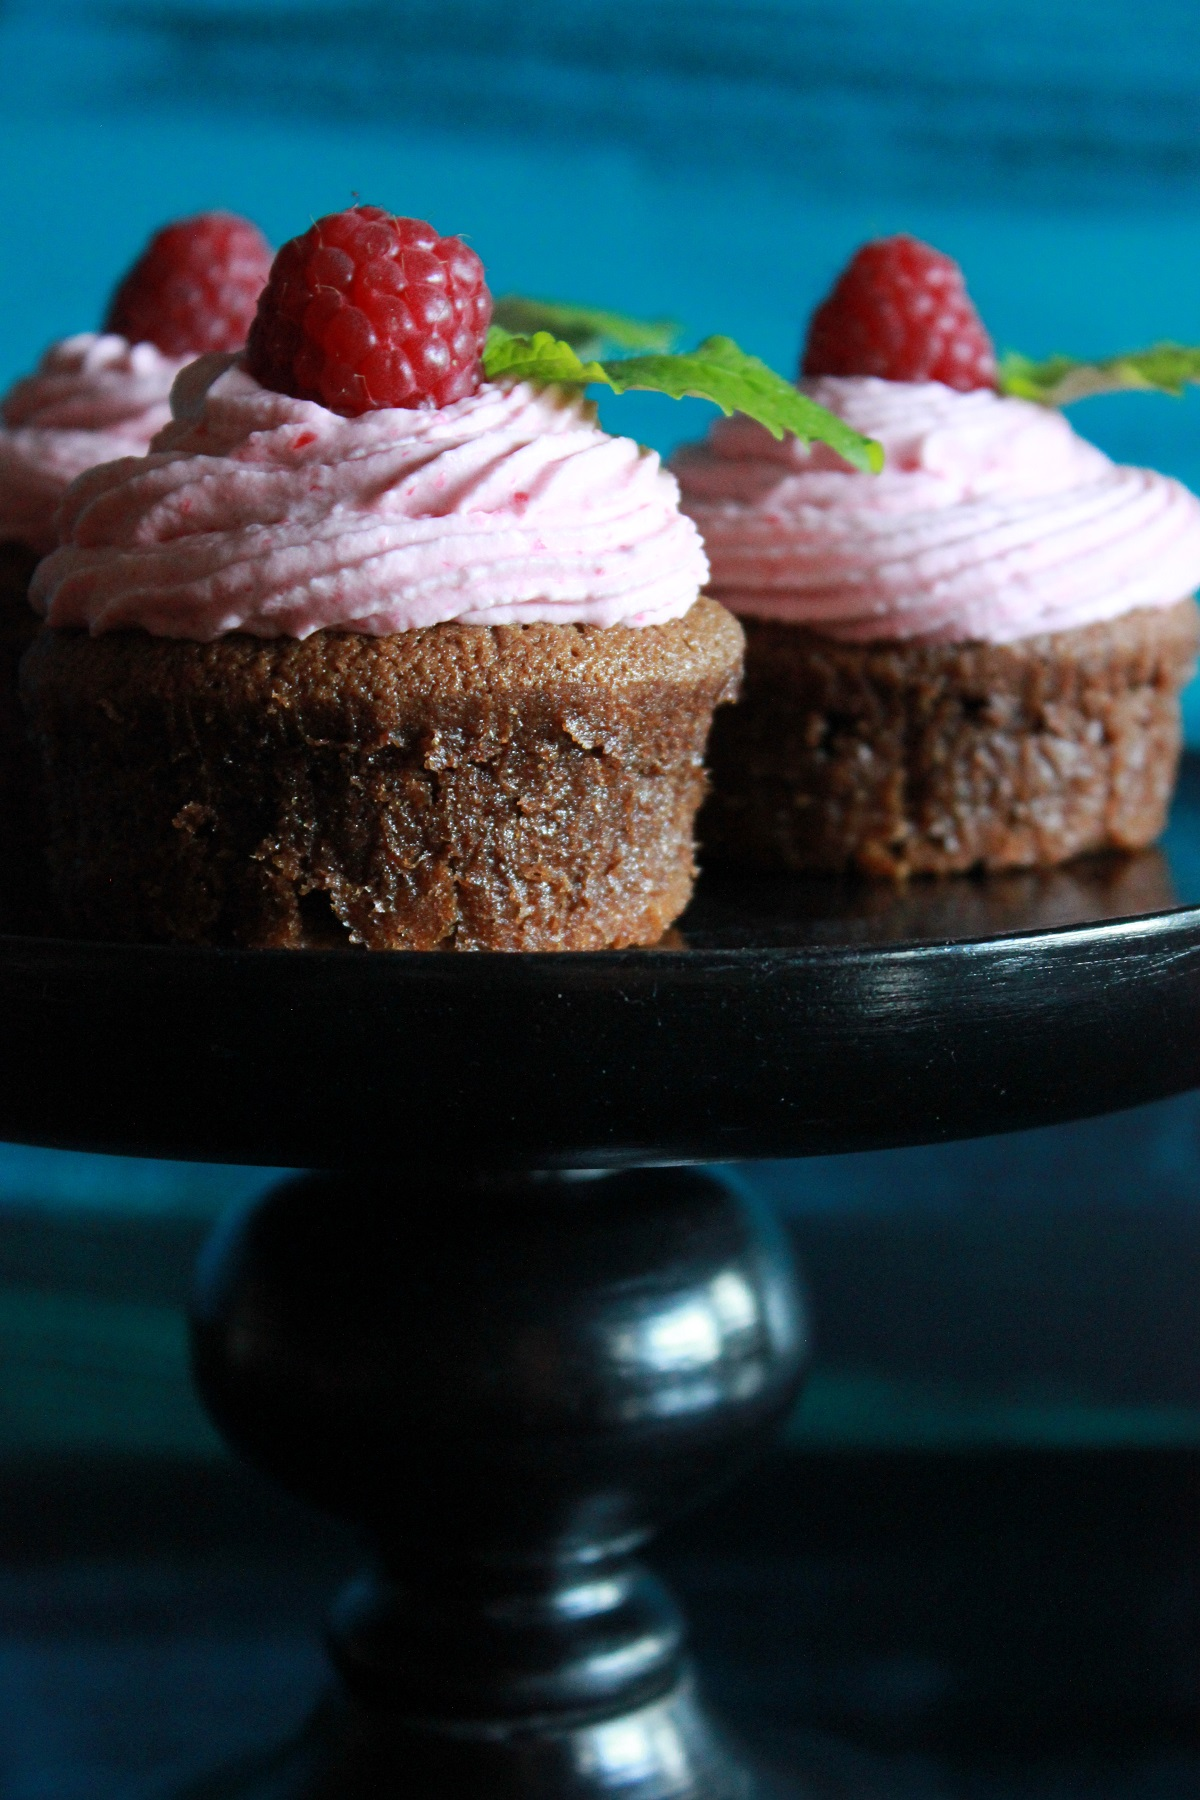 Deilige sjokolade- og bringebærmuffins med frisk bringebærkrem